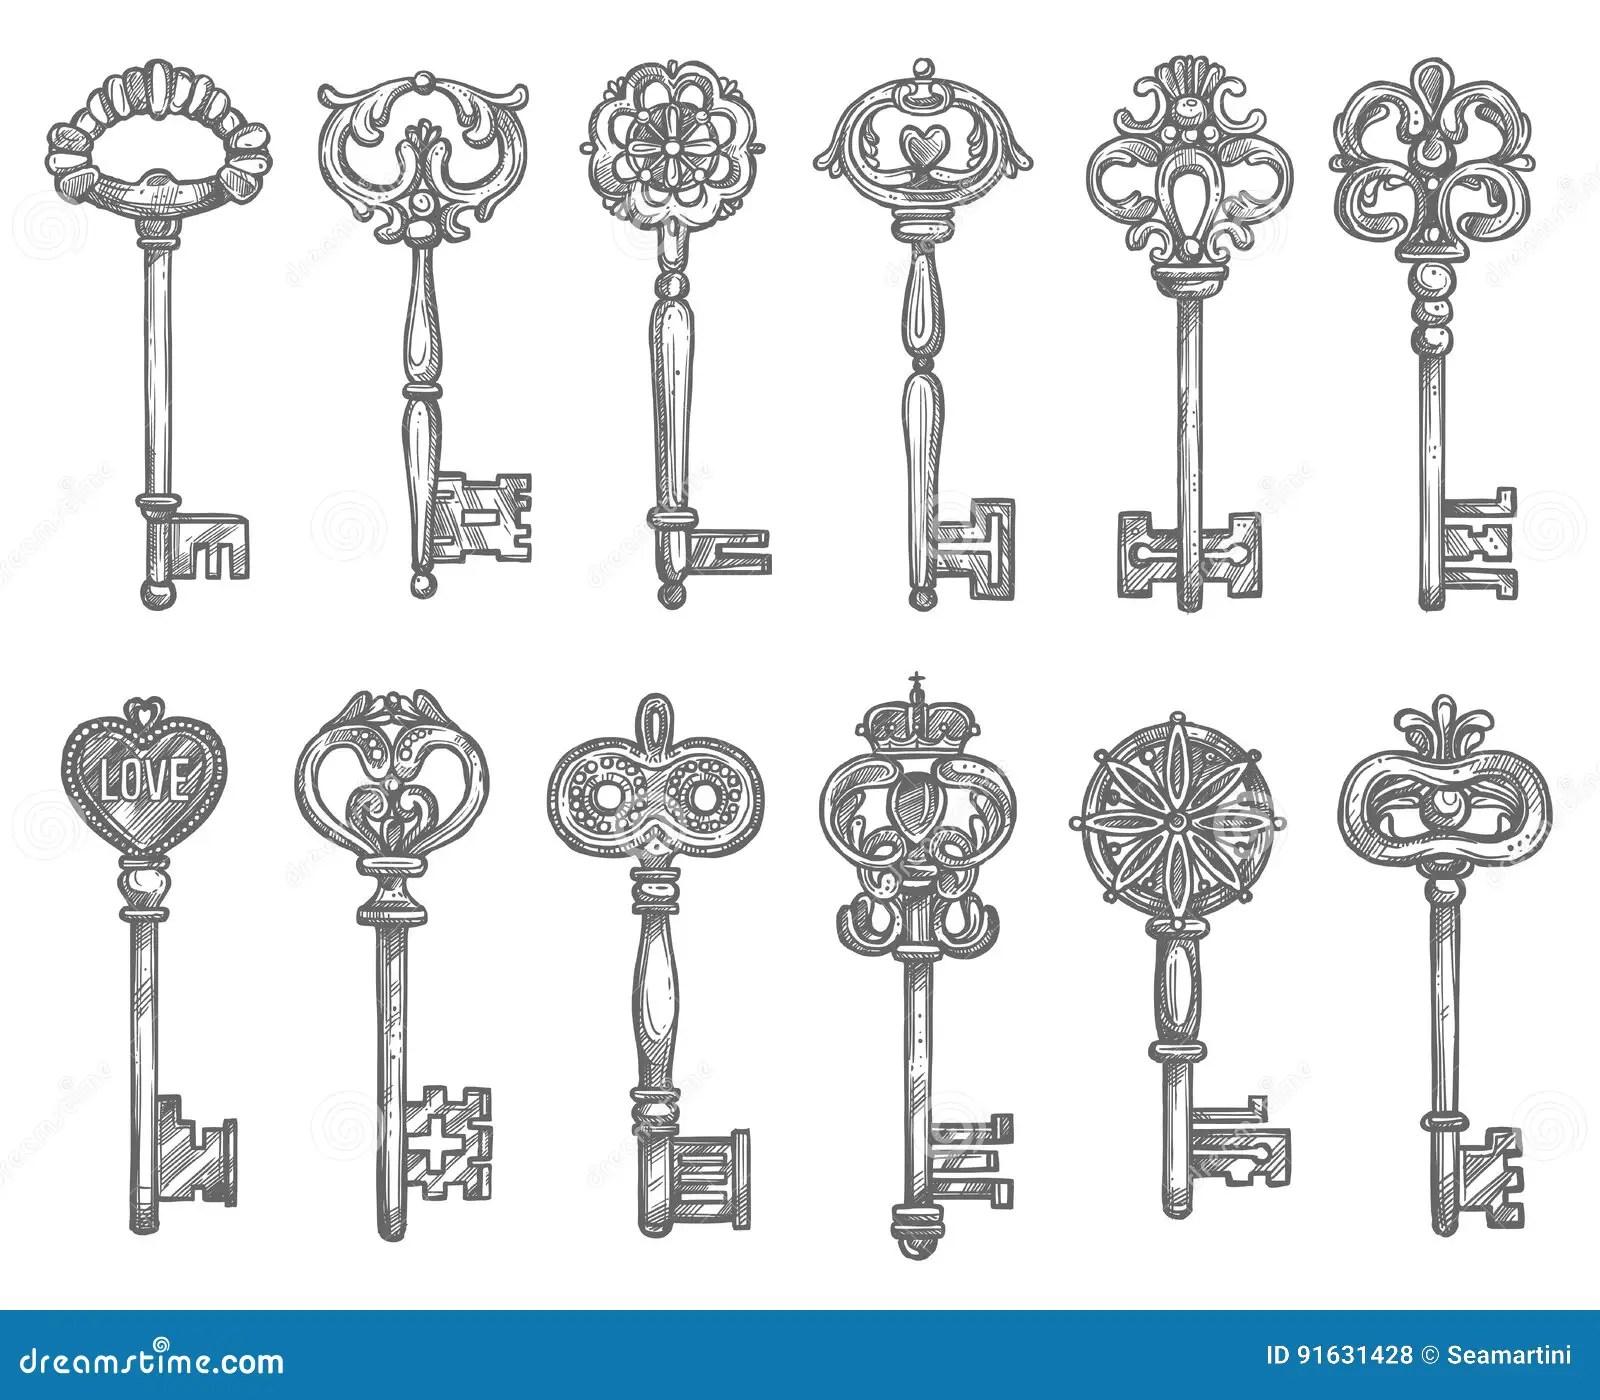 Antique Skeleton Key Drawing